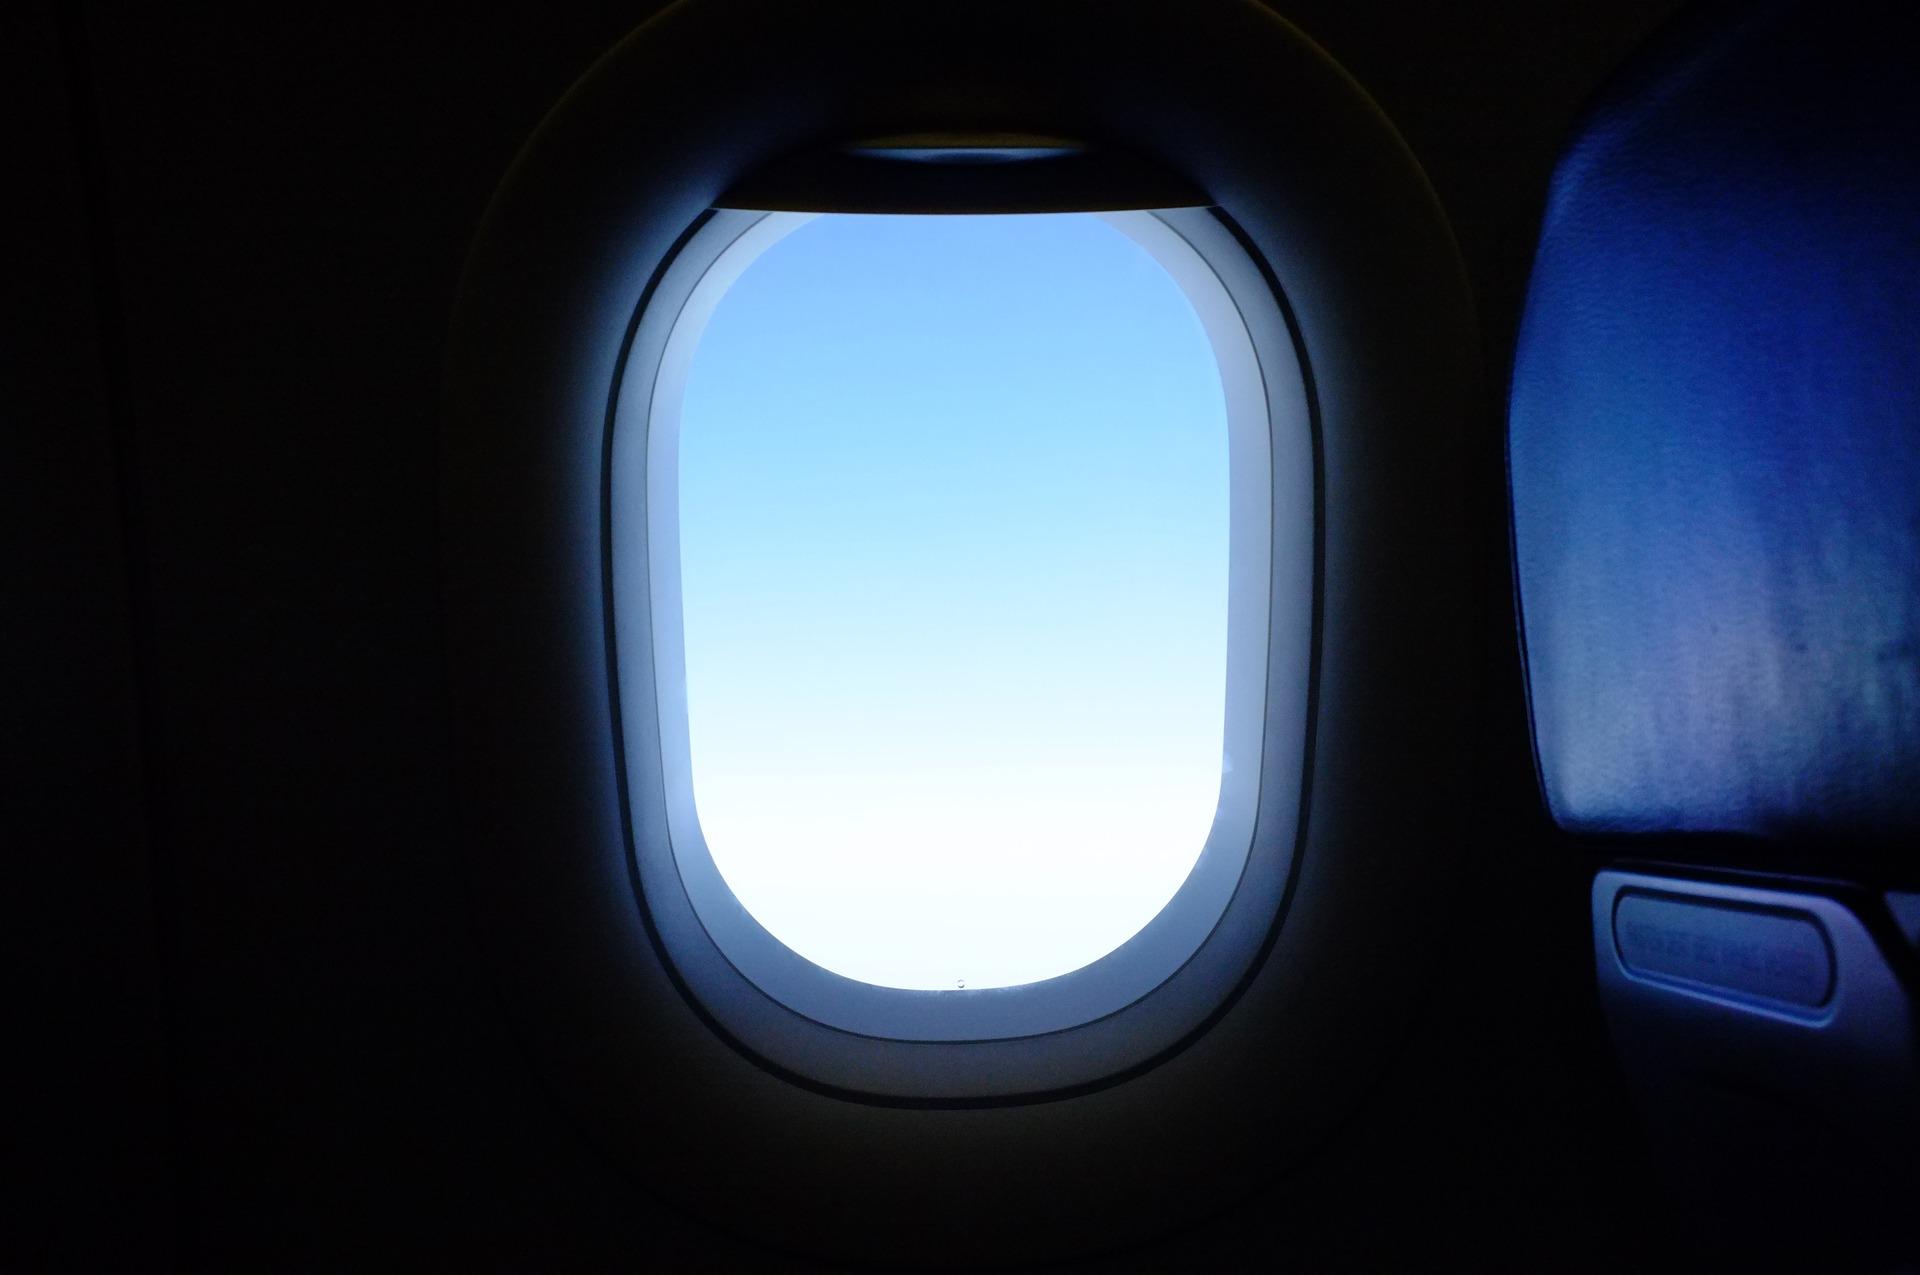 Flugannullierung - wegen Streiks an den Passagierkontrollen